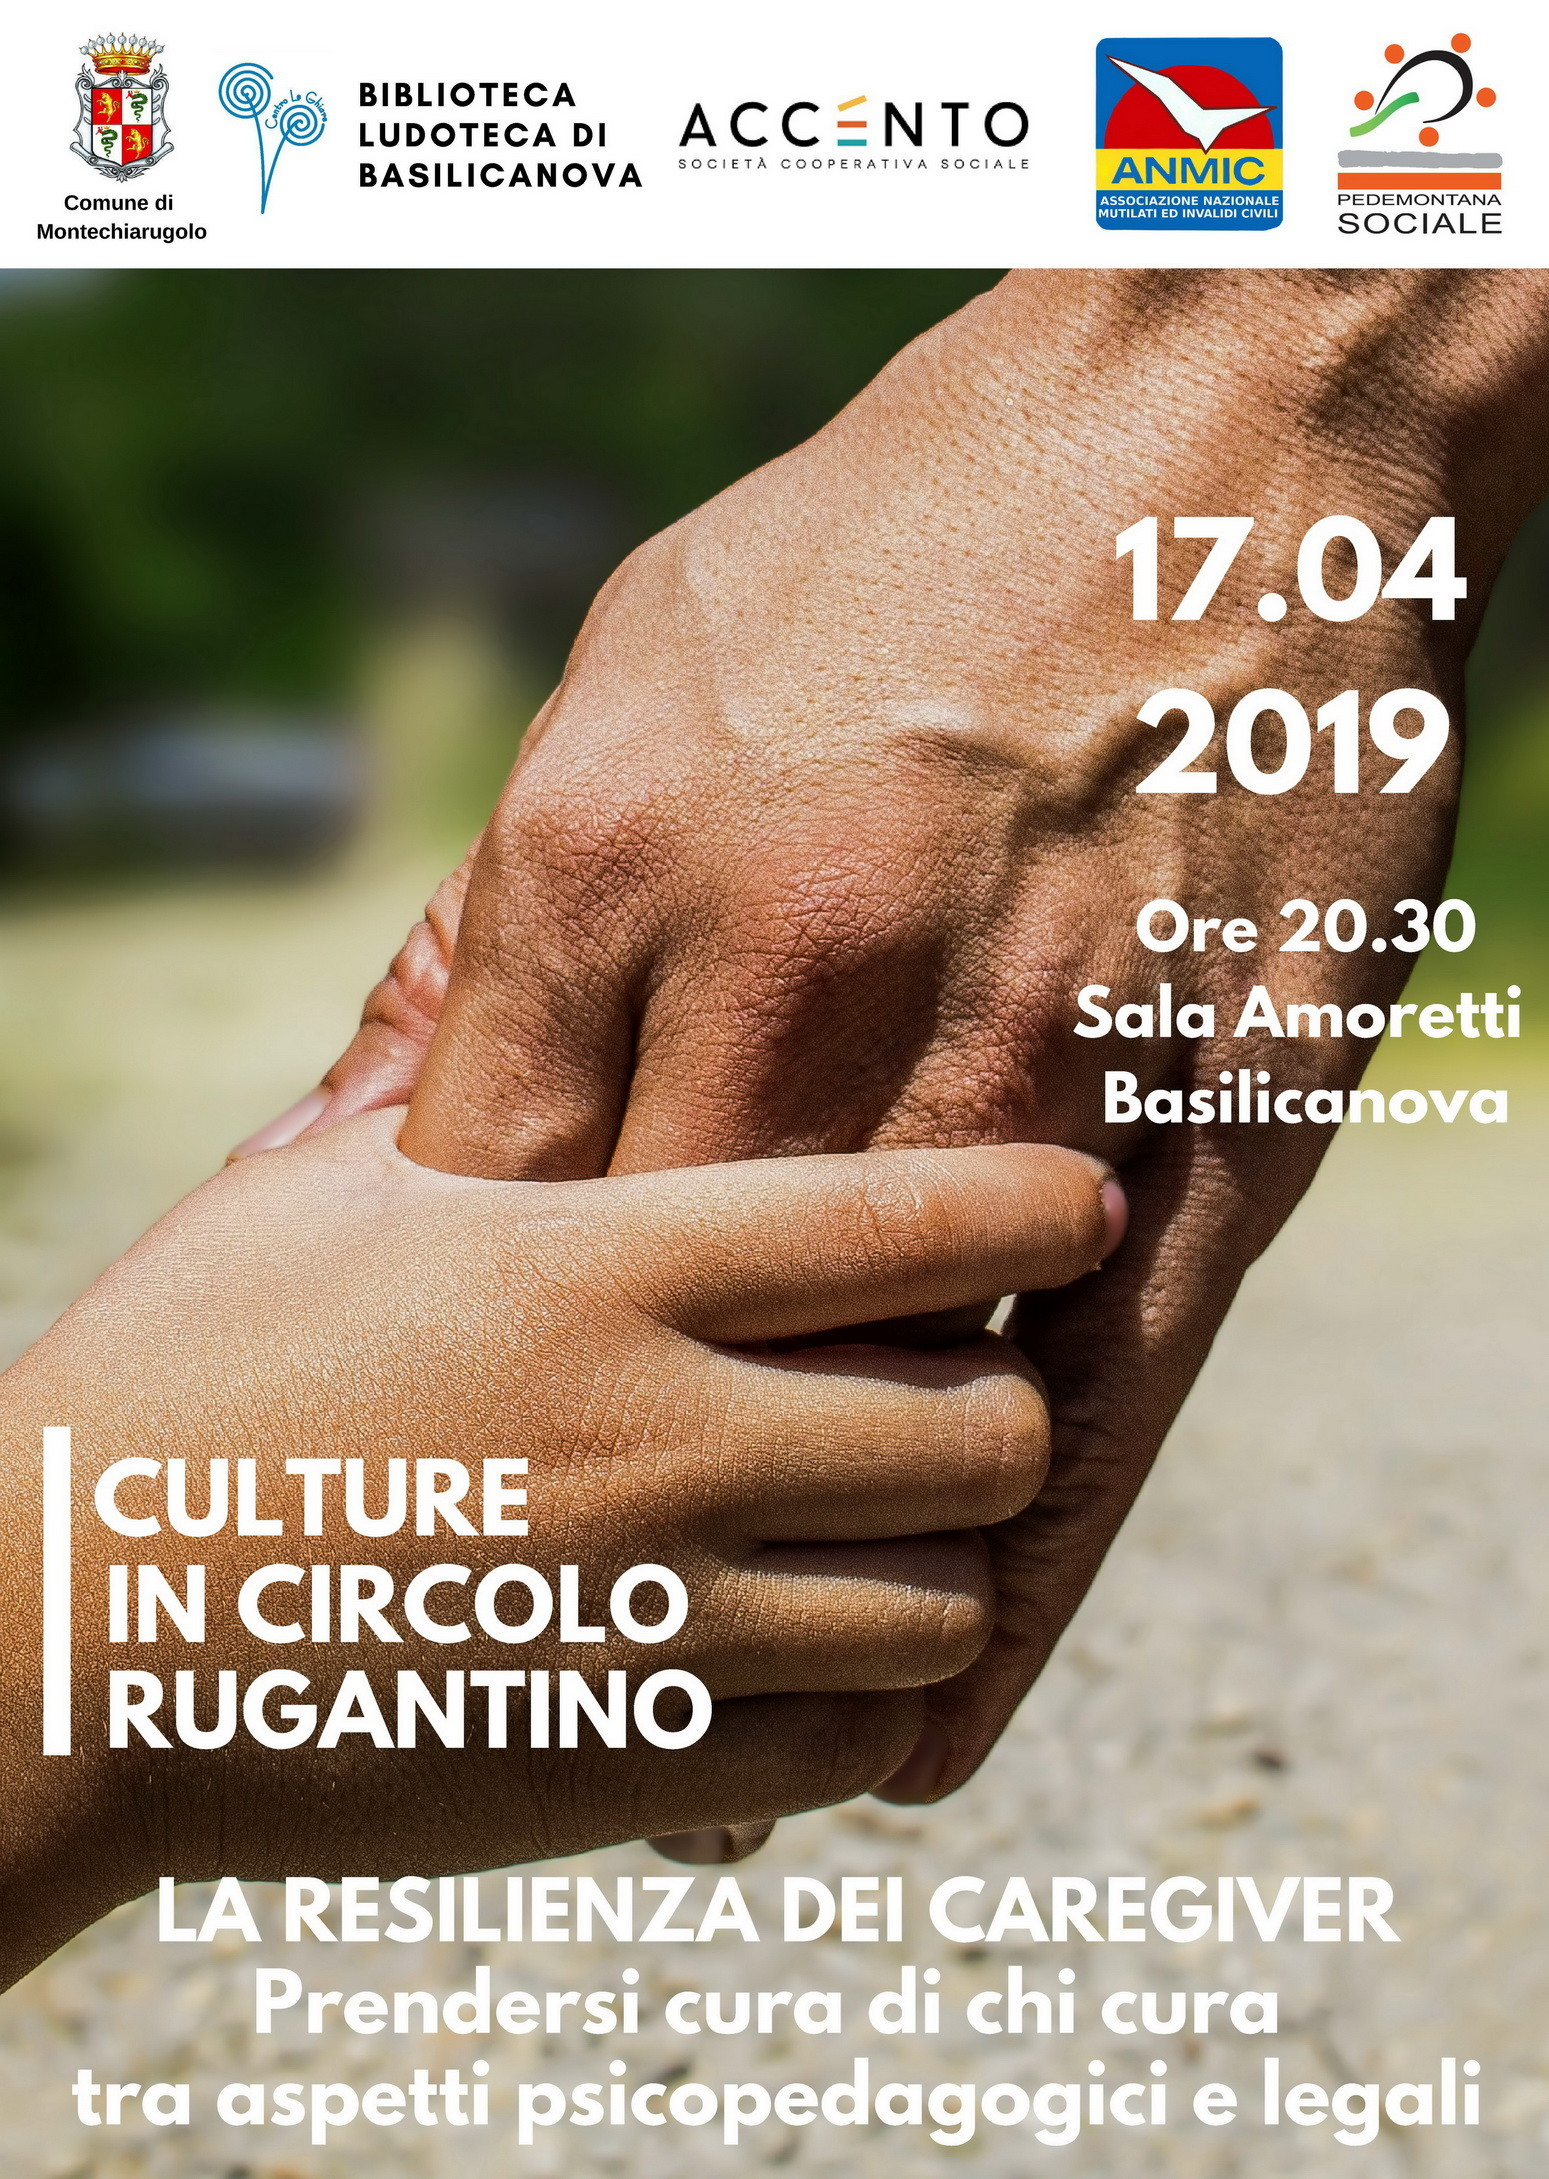 """Incontro """"La Resilienza dei caregiver"""", a Basilicanova"""